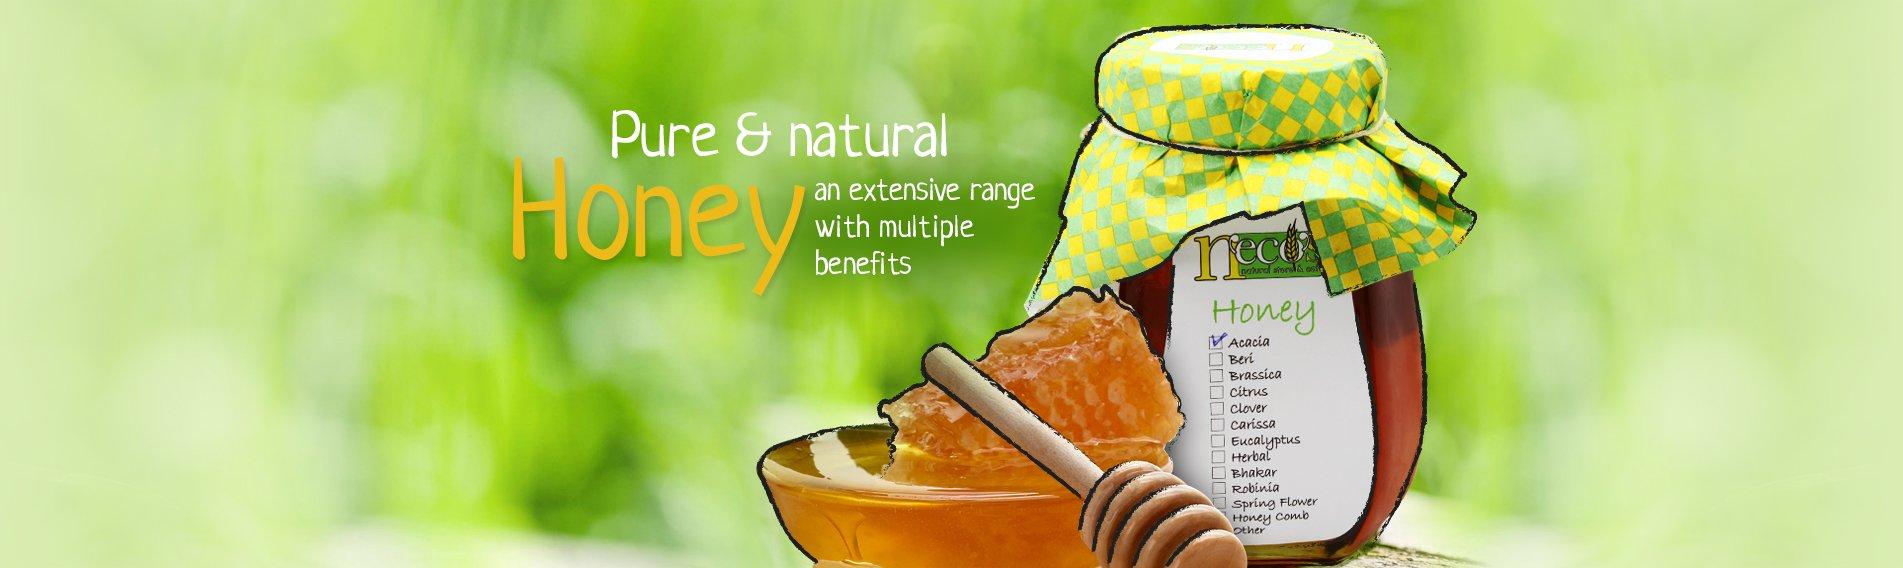 honey-banner